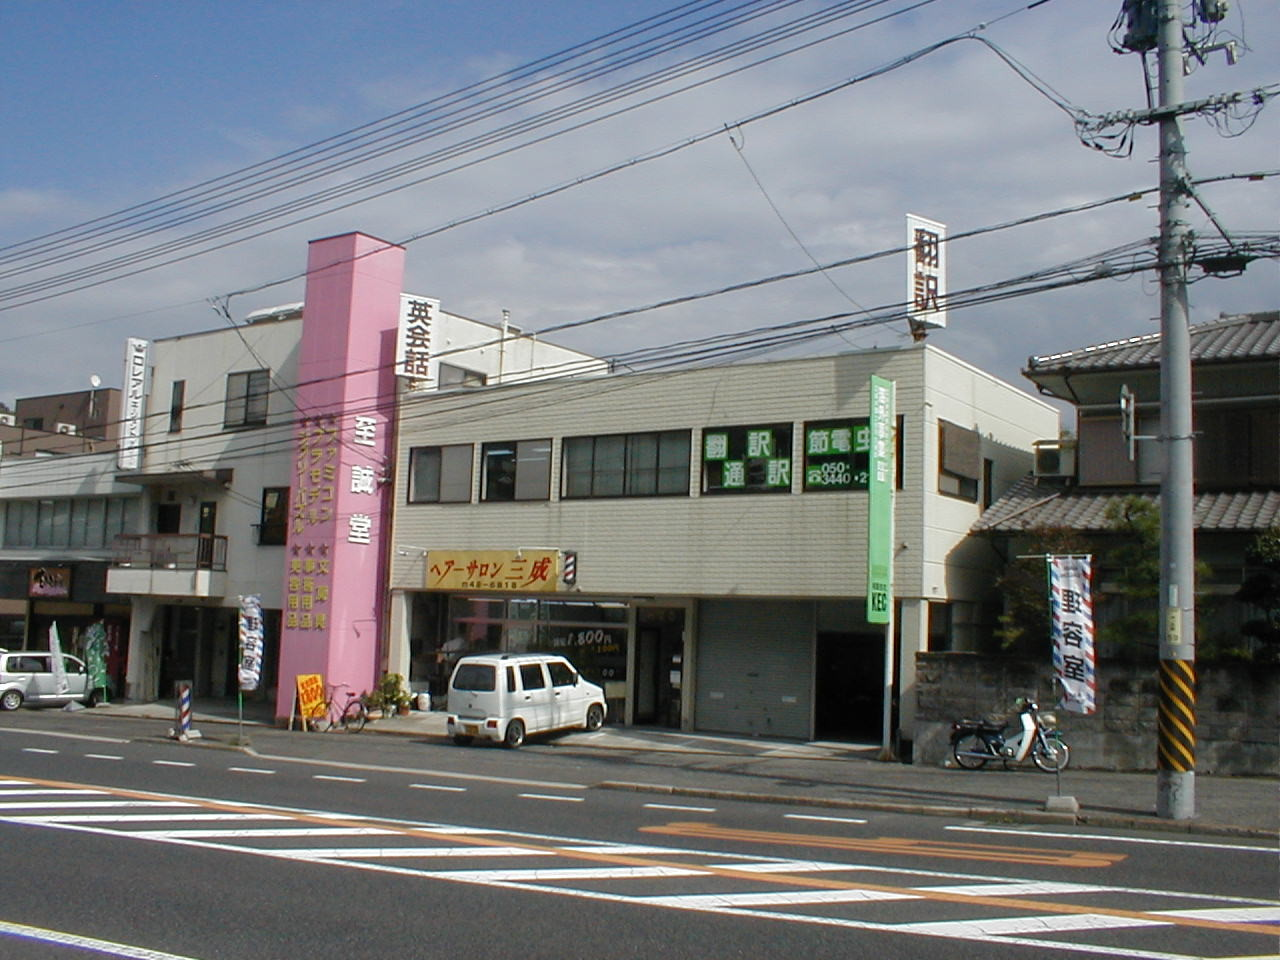 KECビル全体(一階:貸店舗/事務所 2階:釜本事務所、他 手前:国道184号線)